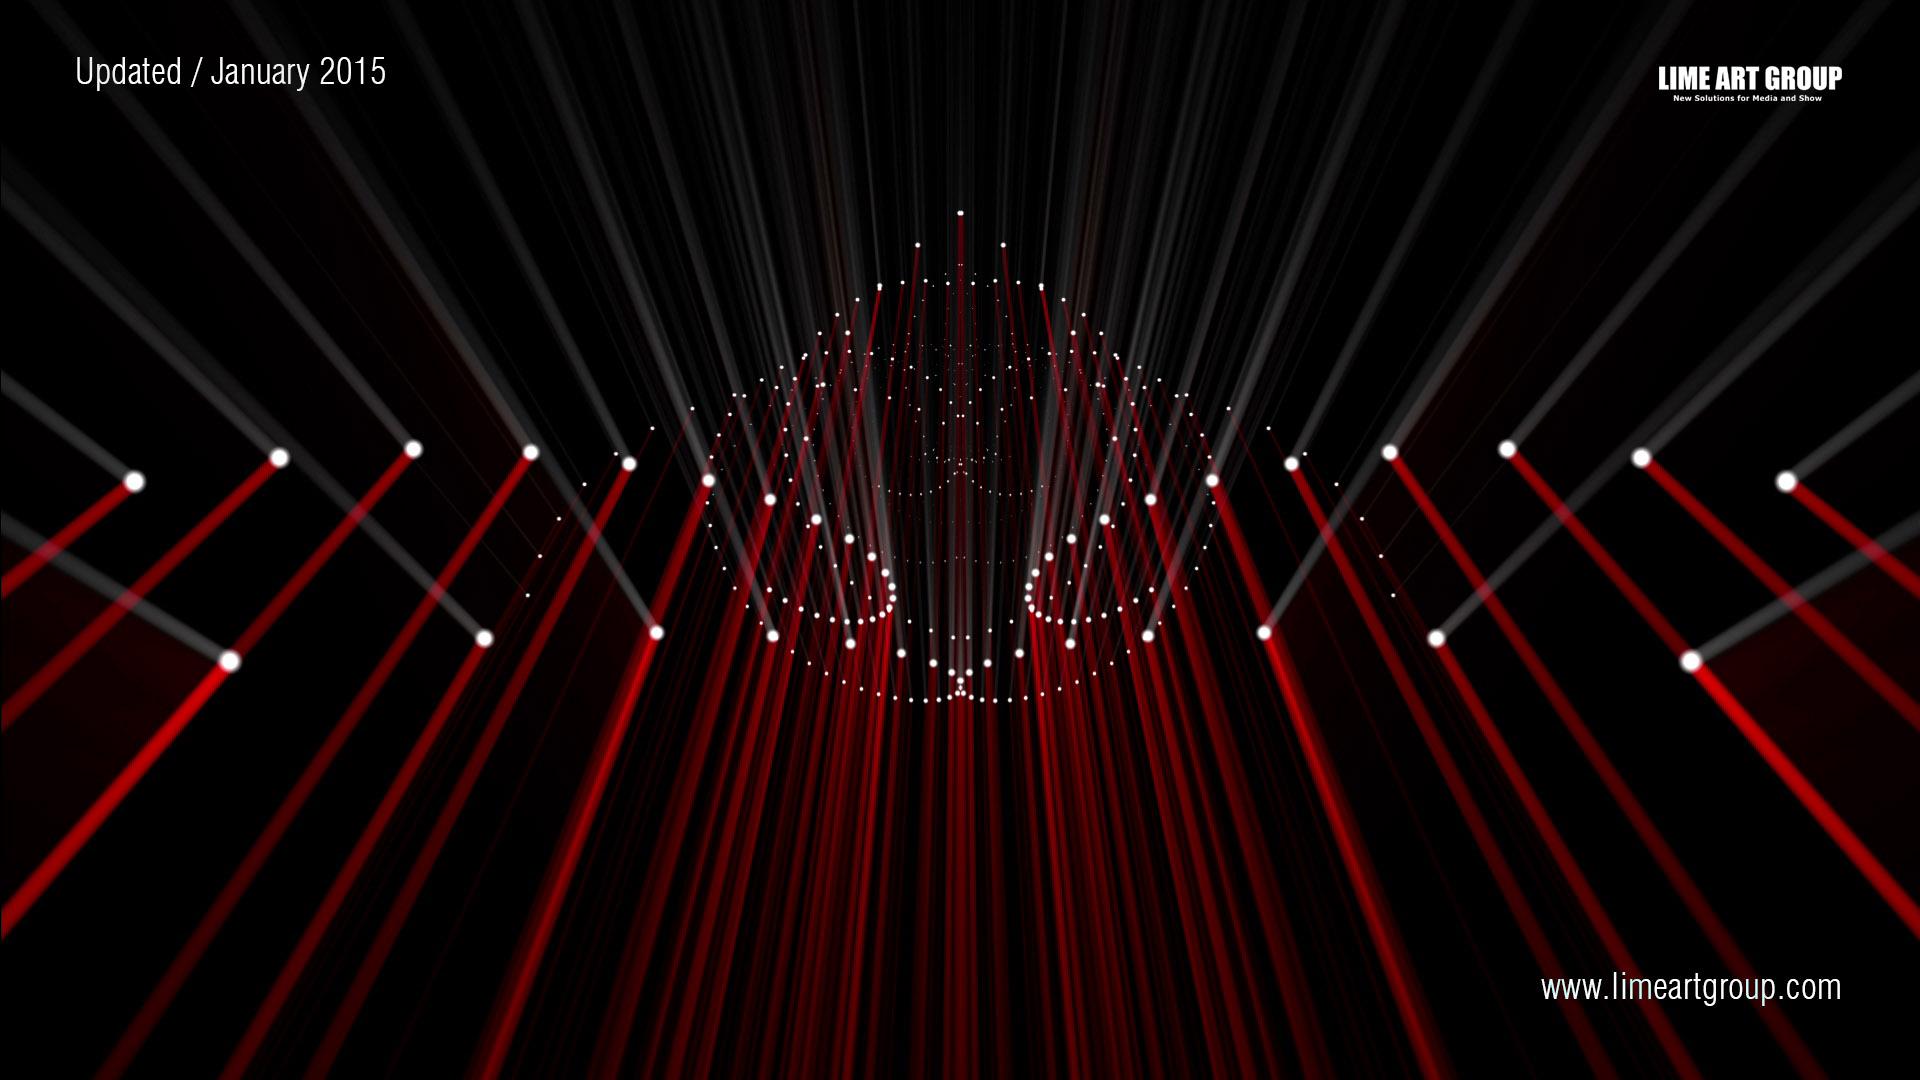 Smart Lines Vj loops video loops 25